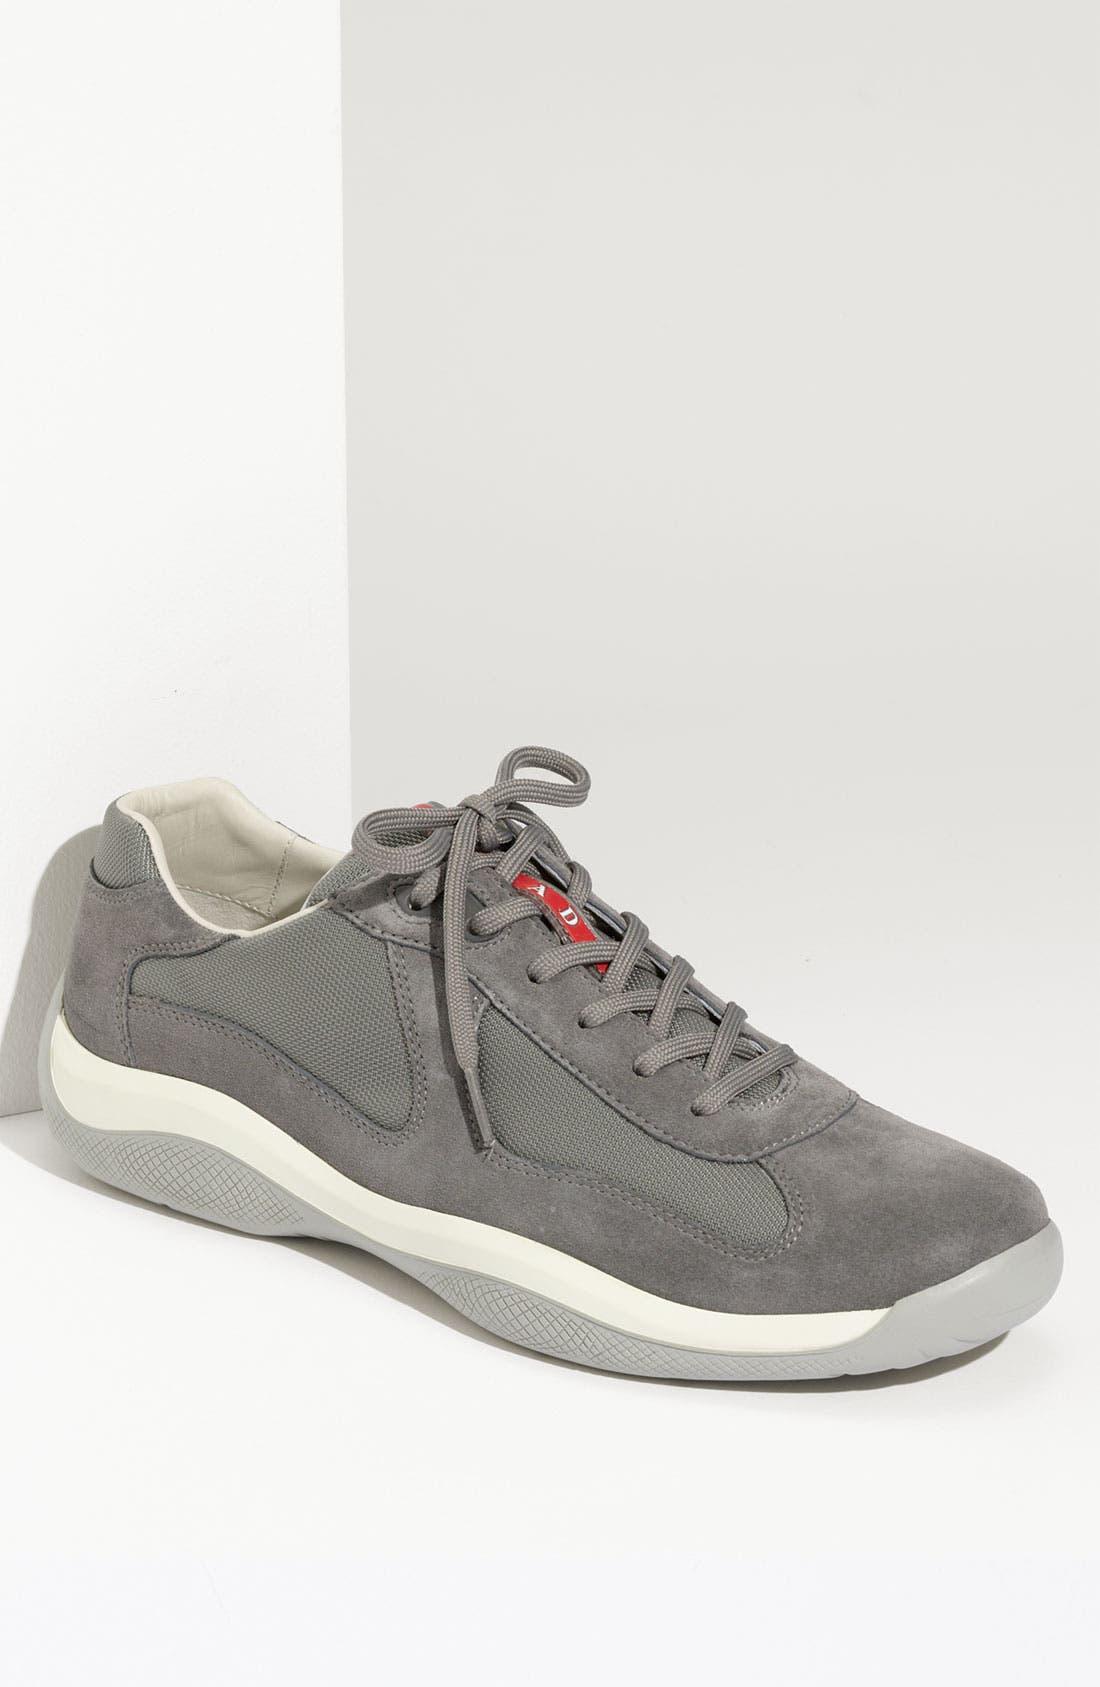 Alternate Image 1 Selected - Prada 'Punta Ala' Suede Sneaker (Men)